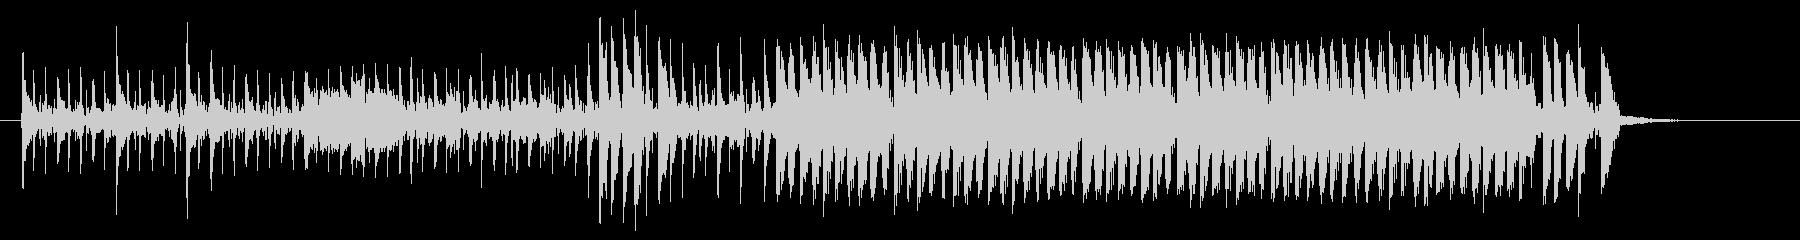 近未来的で不思議なシンセビートジングルの未再生の波形